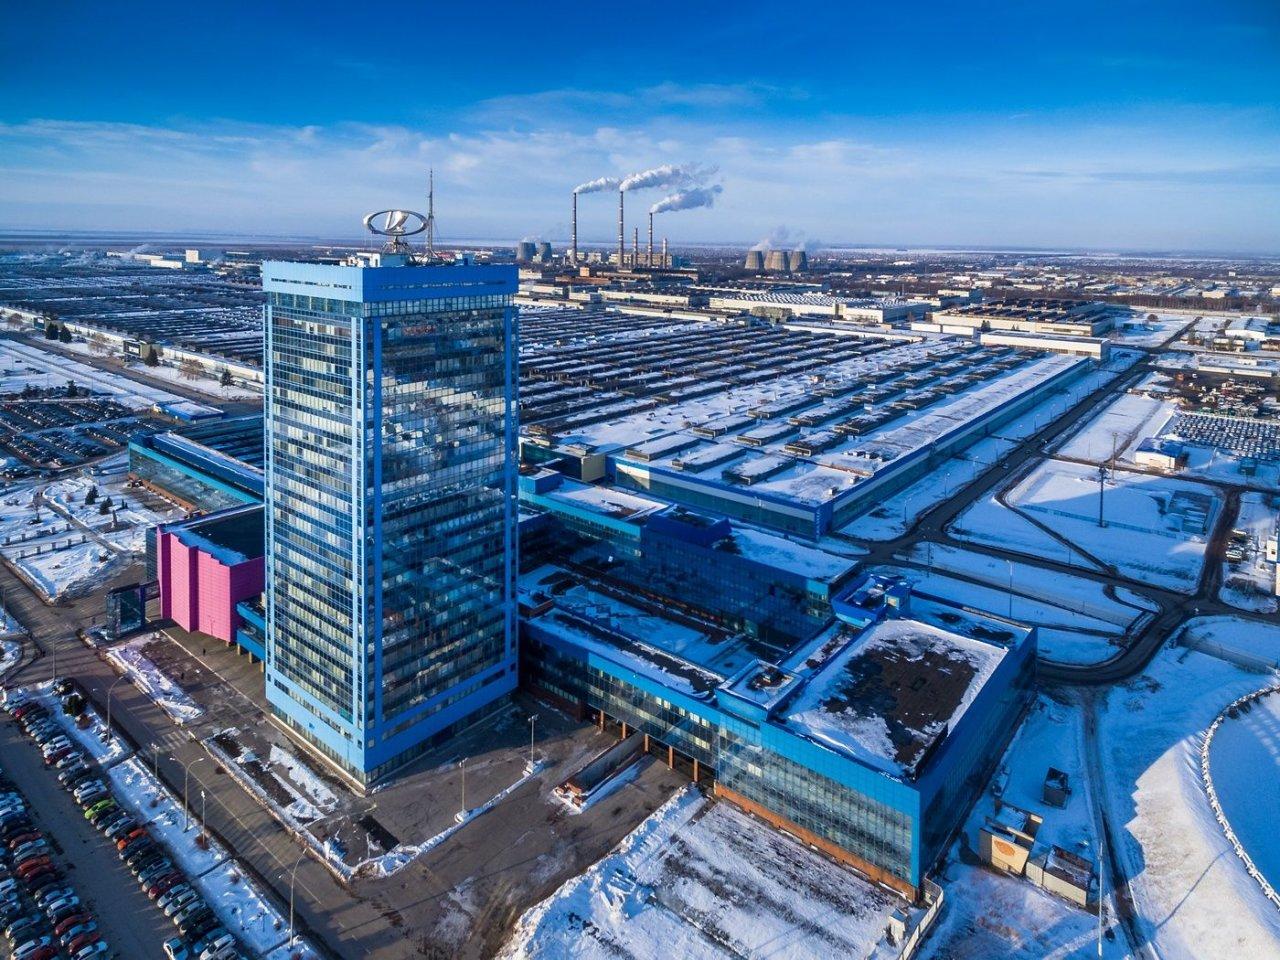 АвтоВАЗ запатентовал новые имена для моделей Lada